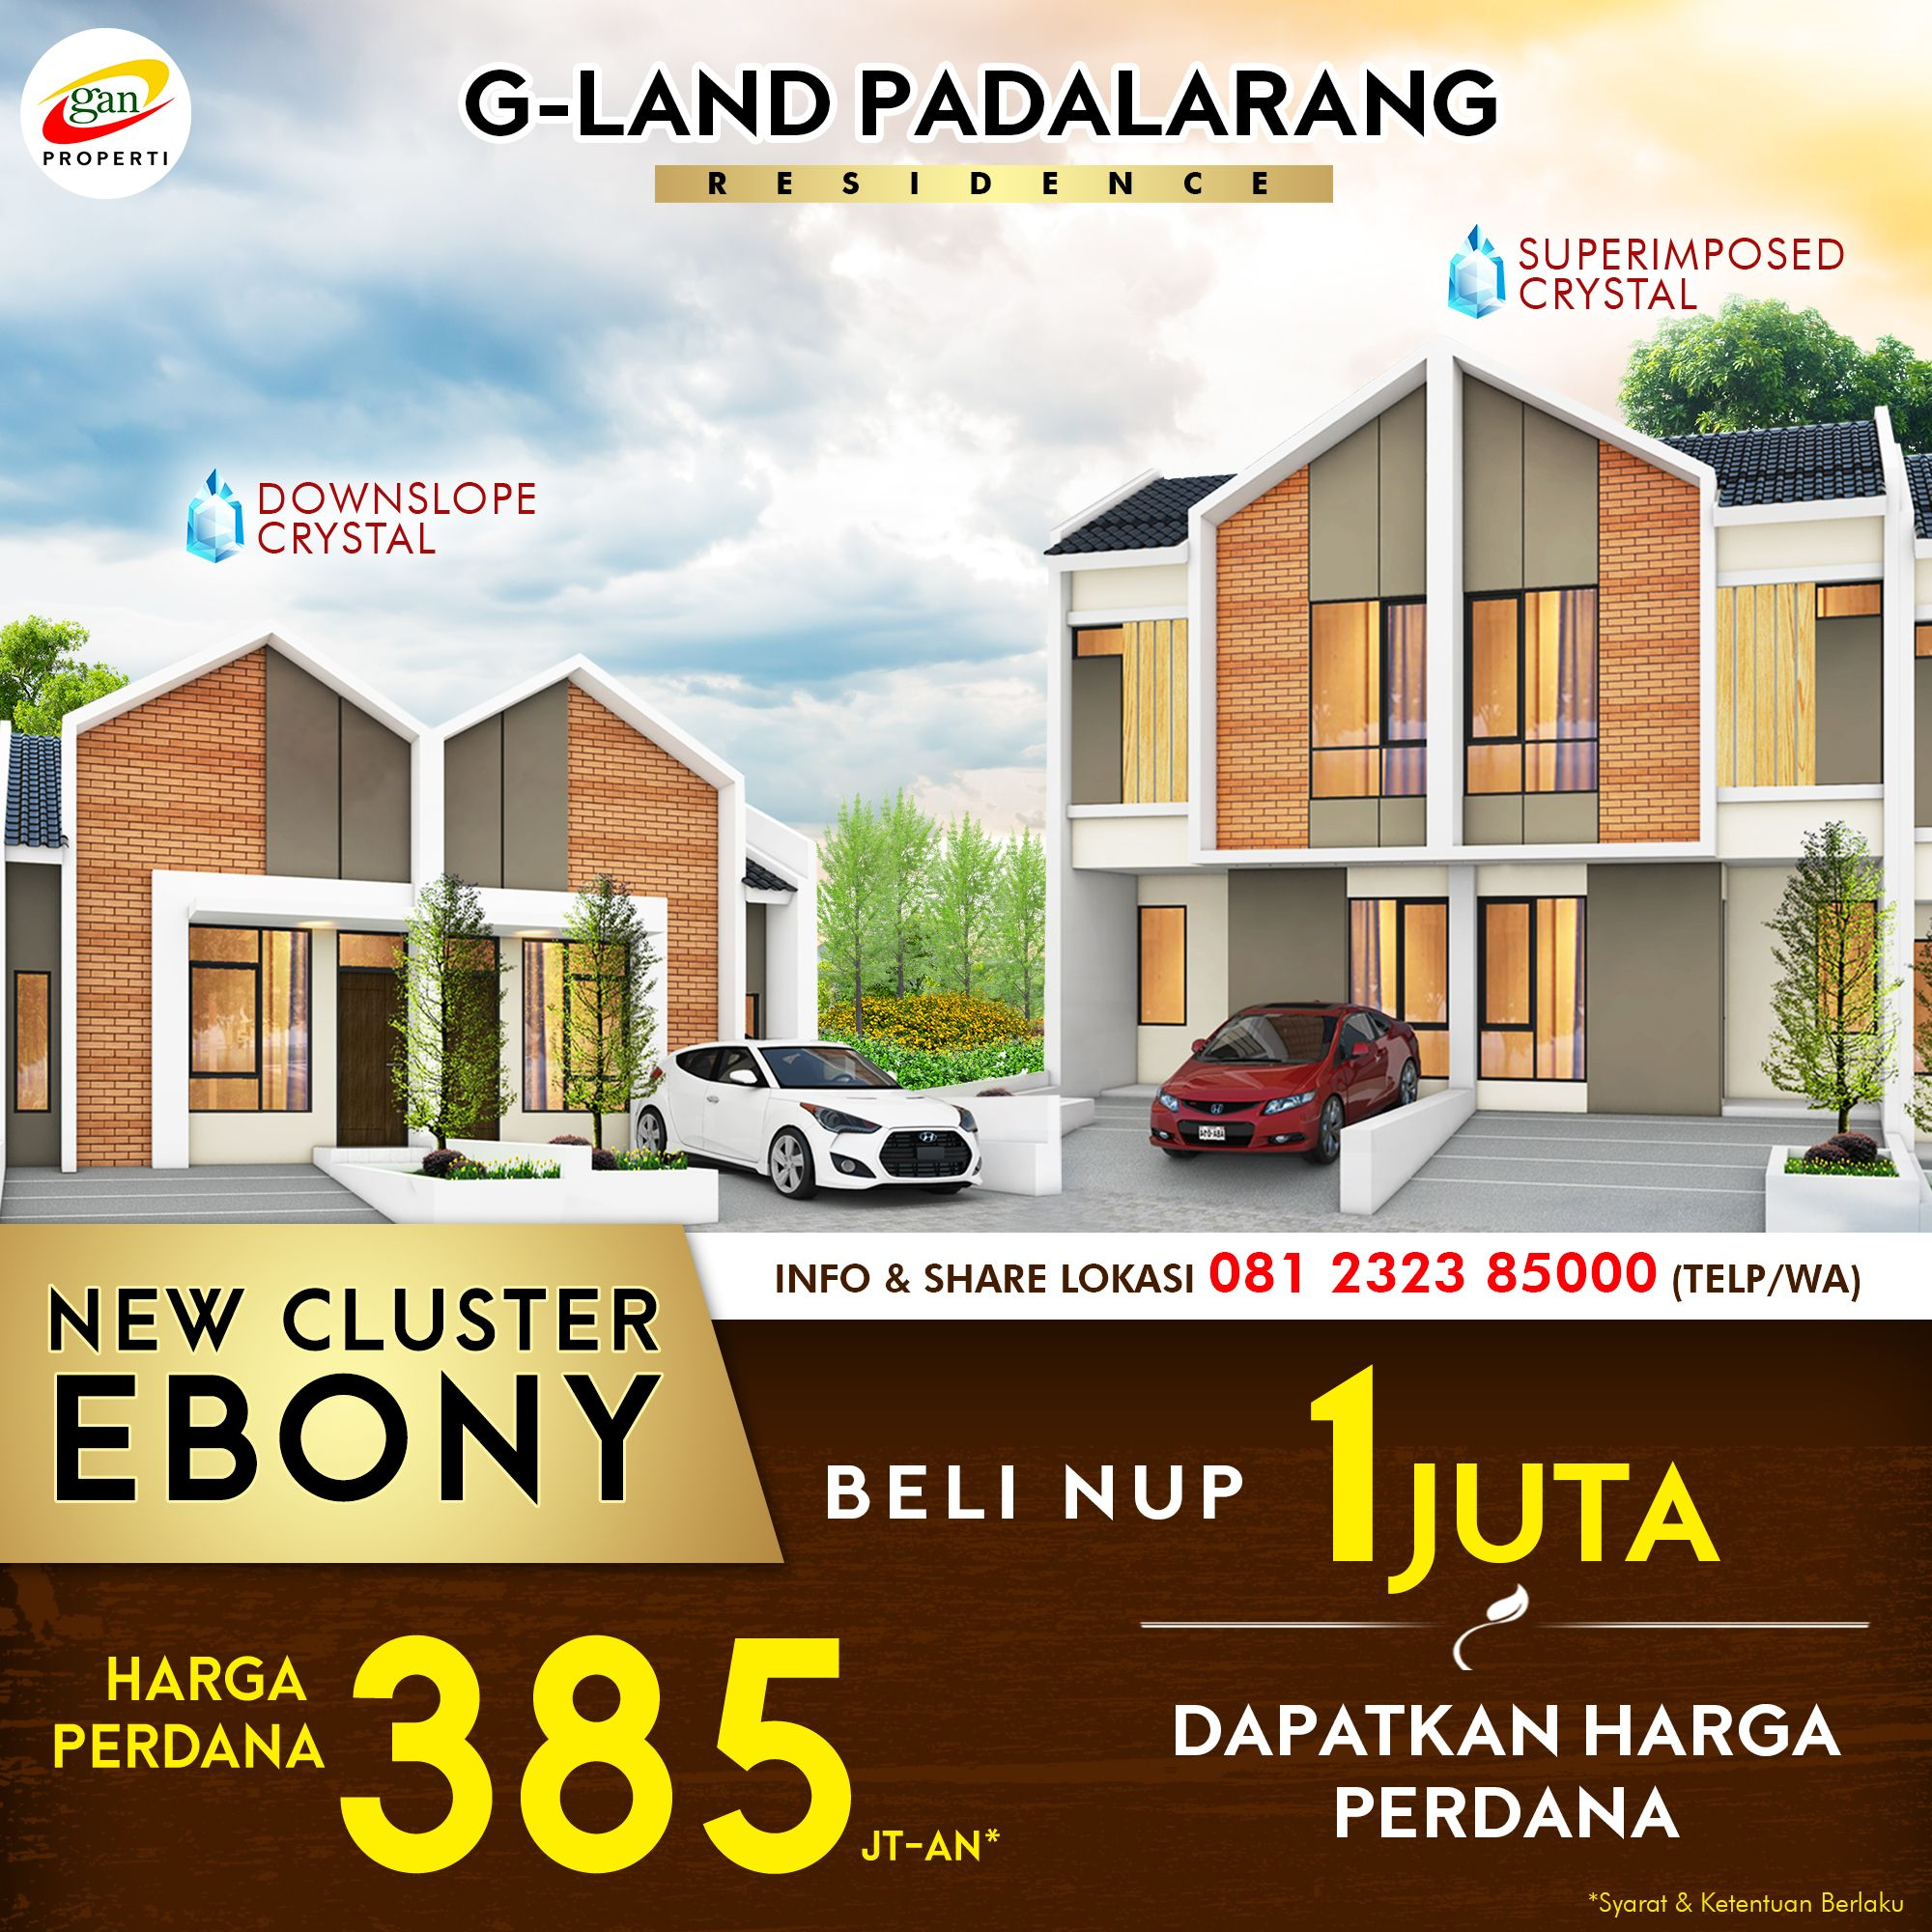 Rumah Bandung Barat Padalarang Jayamekar Baru Ebony Harga Murah Terjangkau Cicilan Ringan Rumah Impian Rumah Mewah Rumah Baru